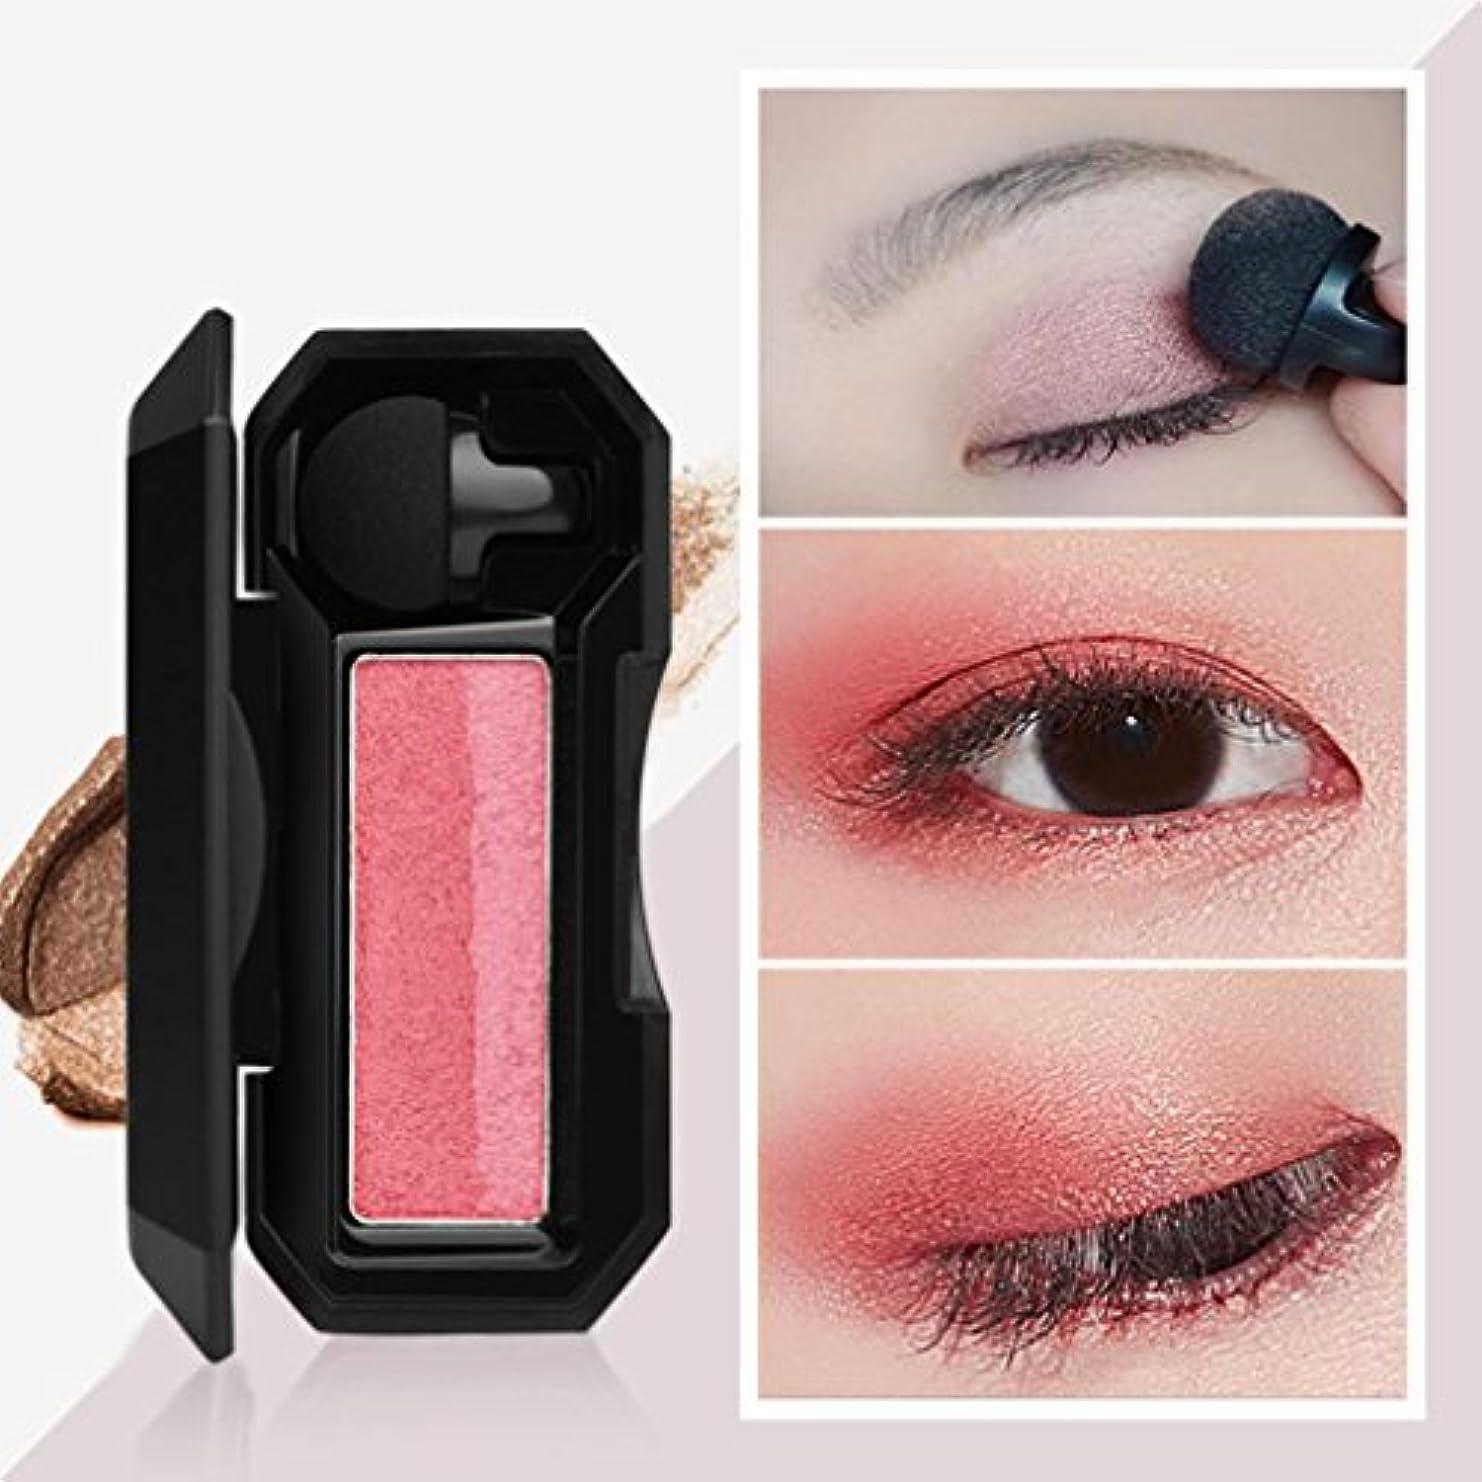 抵抗がっかりしたラメビューティー アイシャドー BOBOGOJP 女性 2色 可愛い デザイン ミニスタンプアイシャドーパレット 携帯便利 極め細かい 化粧パウダー 持続性 スモーキーメイク (21A)